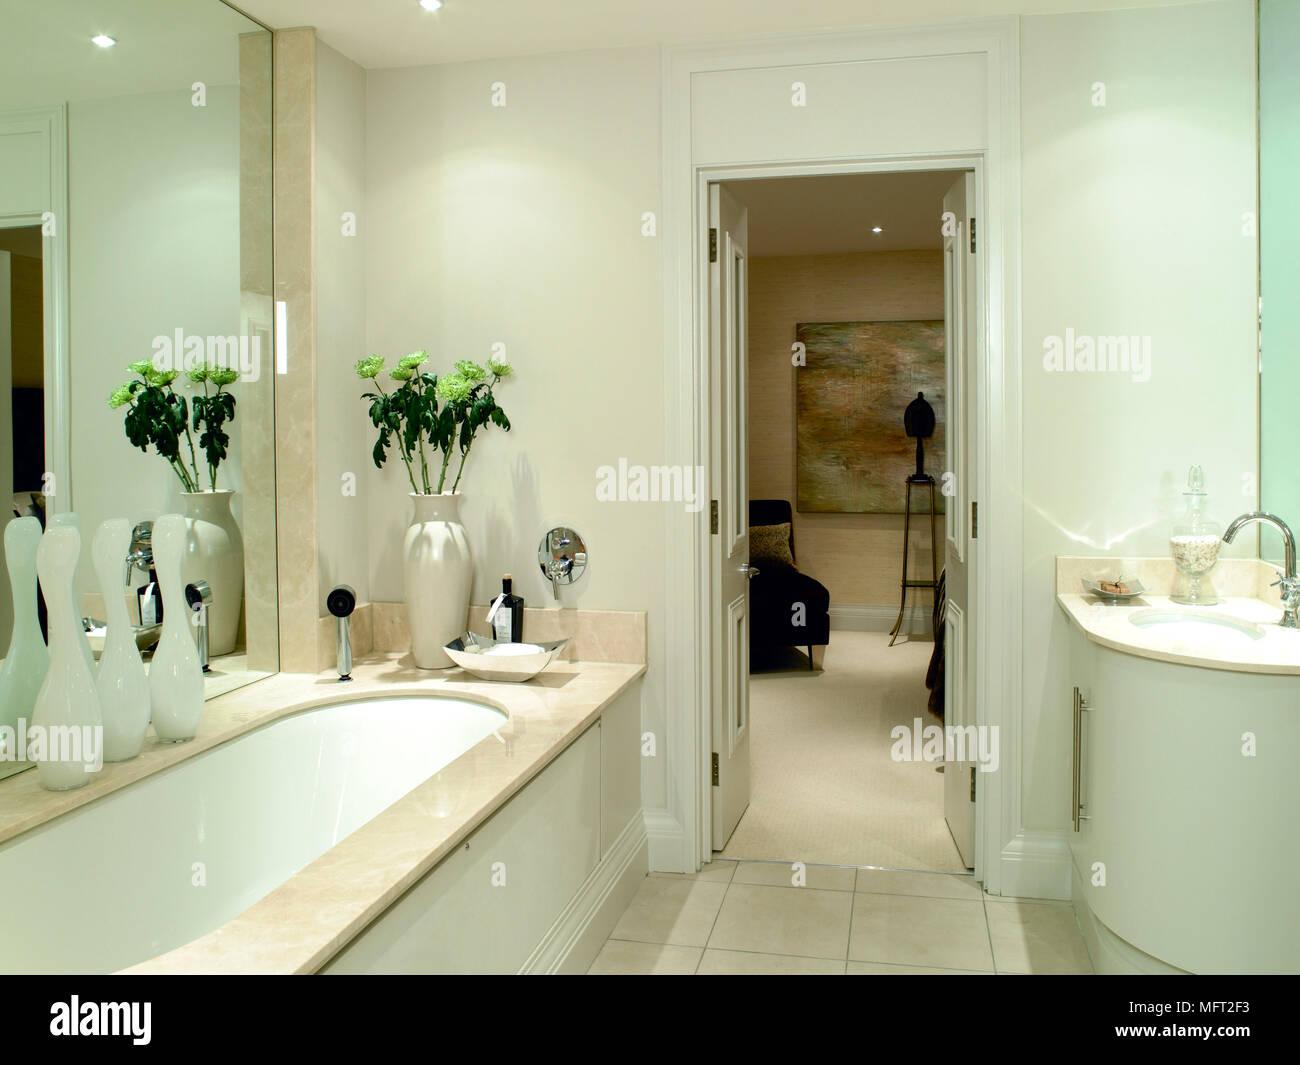 Modernes Badezimmer Mit Waschbecken In Gekrümmten Vanity Set, Badewanne Mit  Marmor Umgeben, Große Spiegel, Und Eine Offene Tür Zu Einem Angrenzenden  Raum.